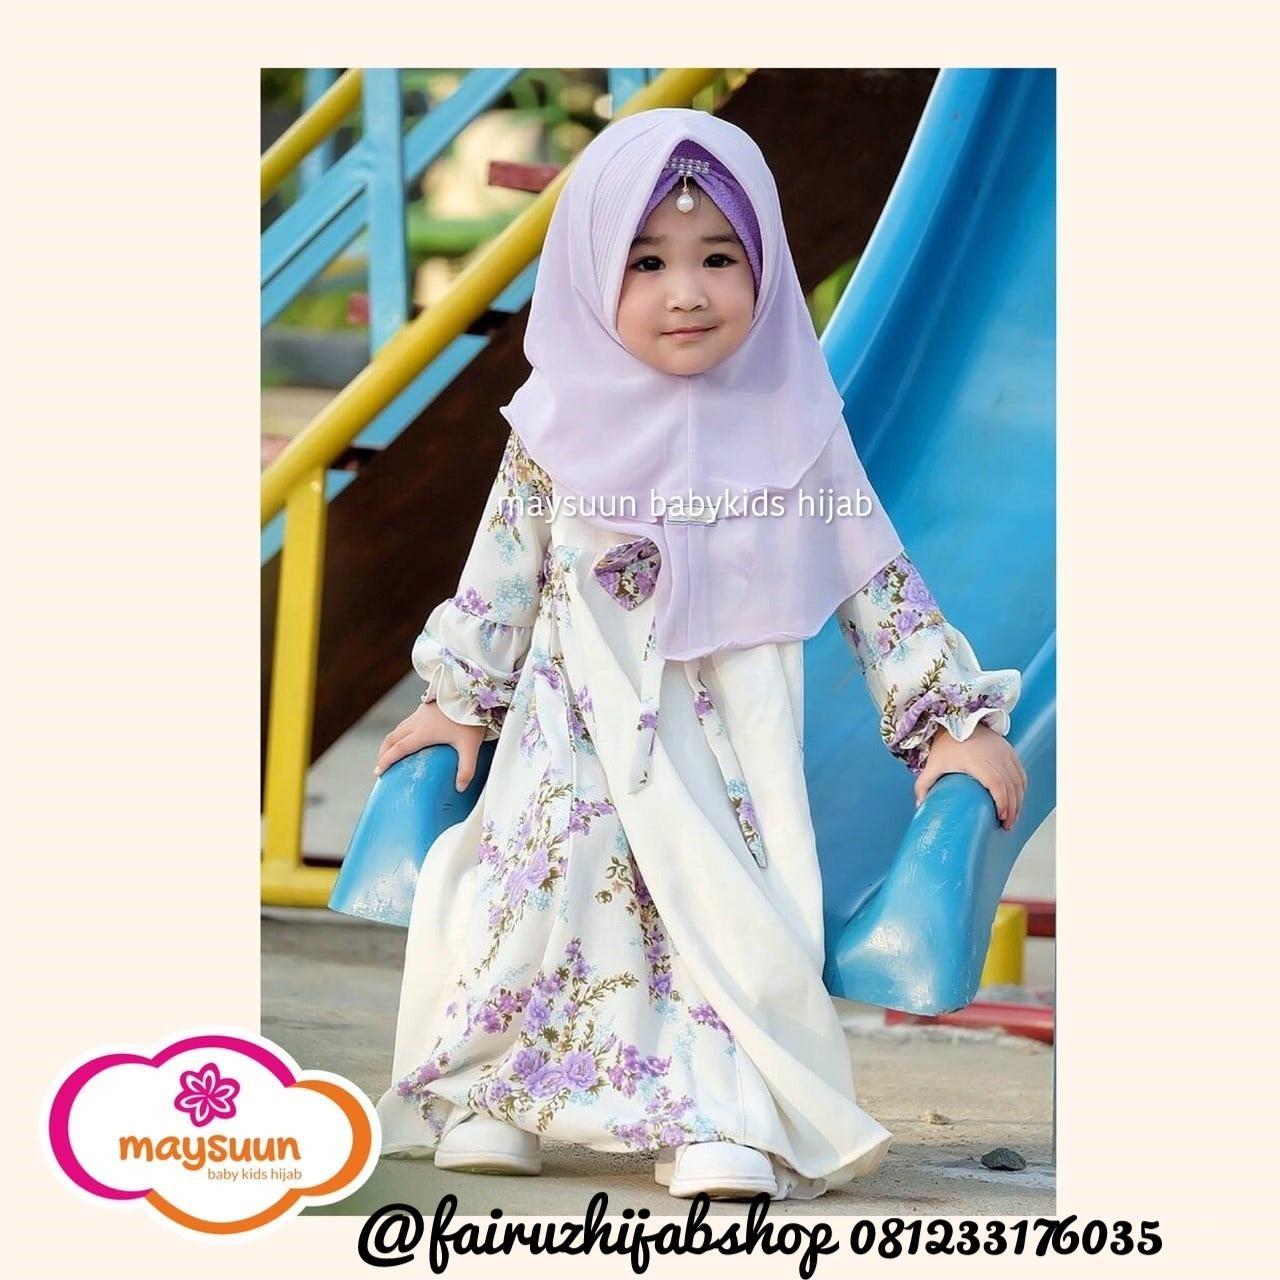 Fairuz Hijab,TERBARU !! Baju Gamis Anak Perempuan Syari, Busana Muslim Anak Modern Online Usia 5 - 6 Tahun